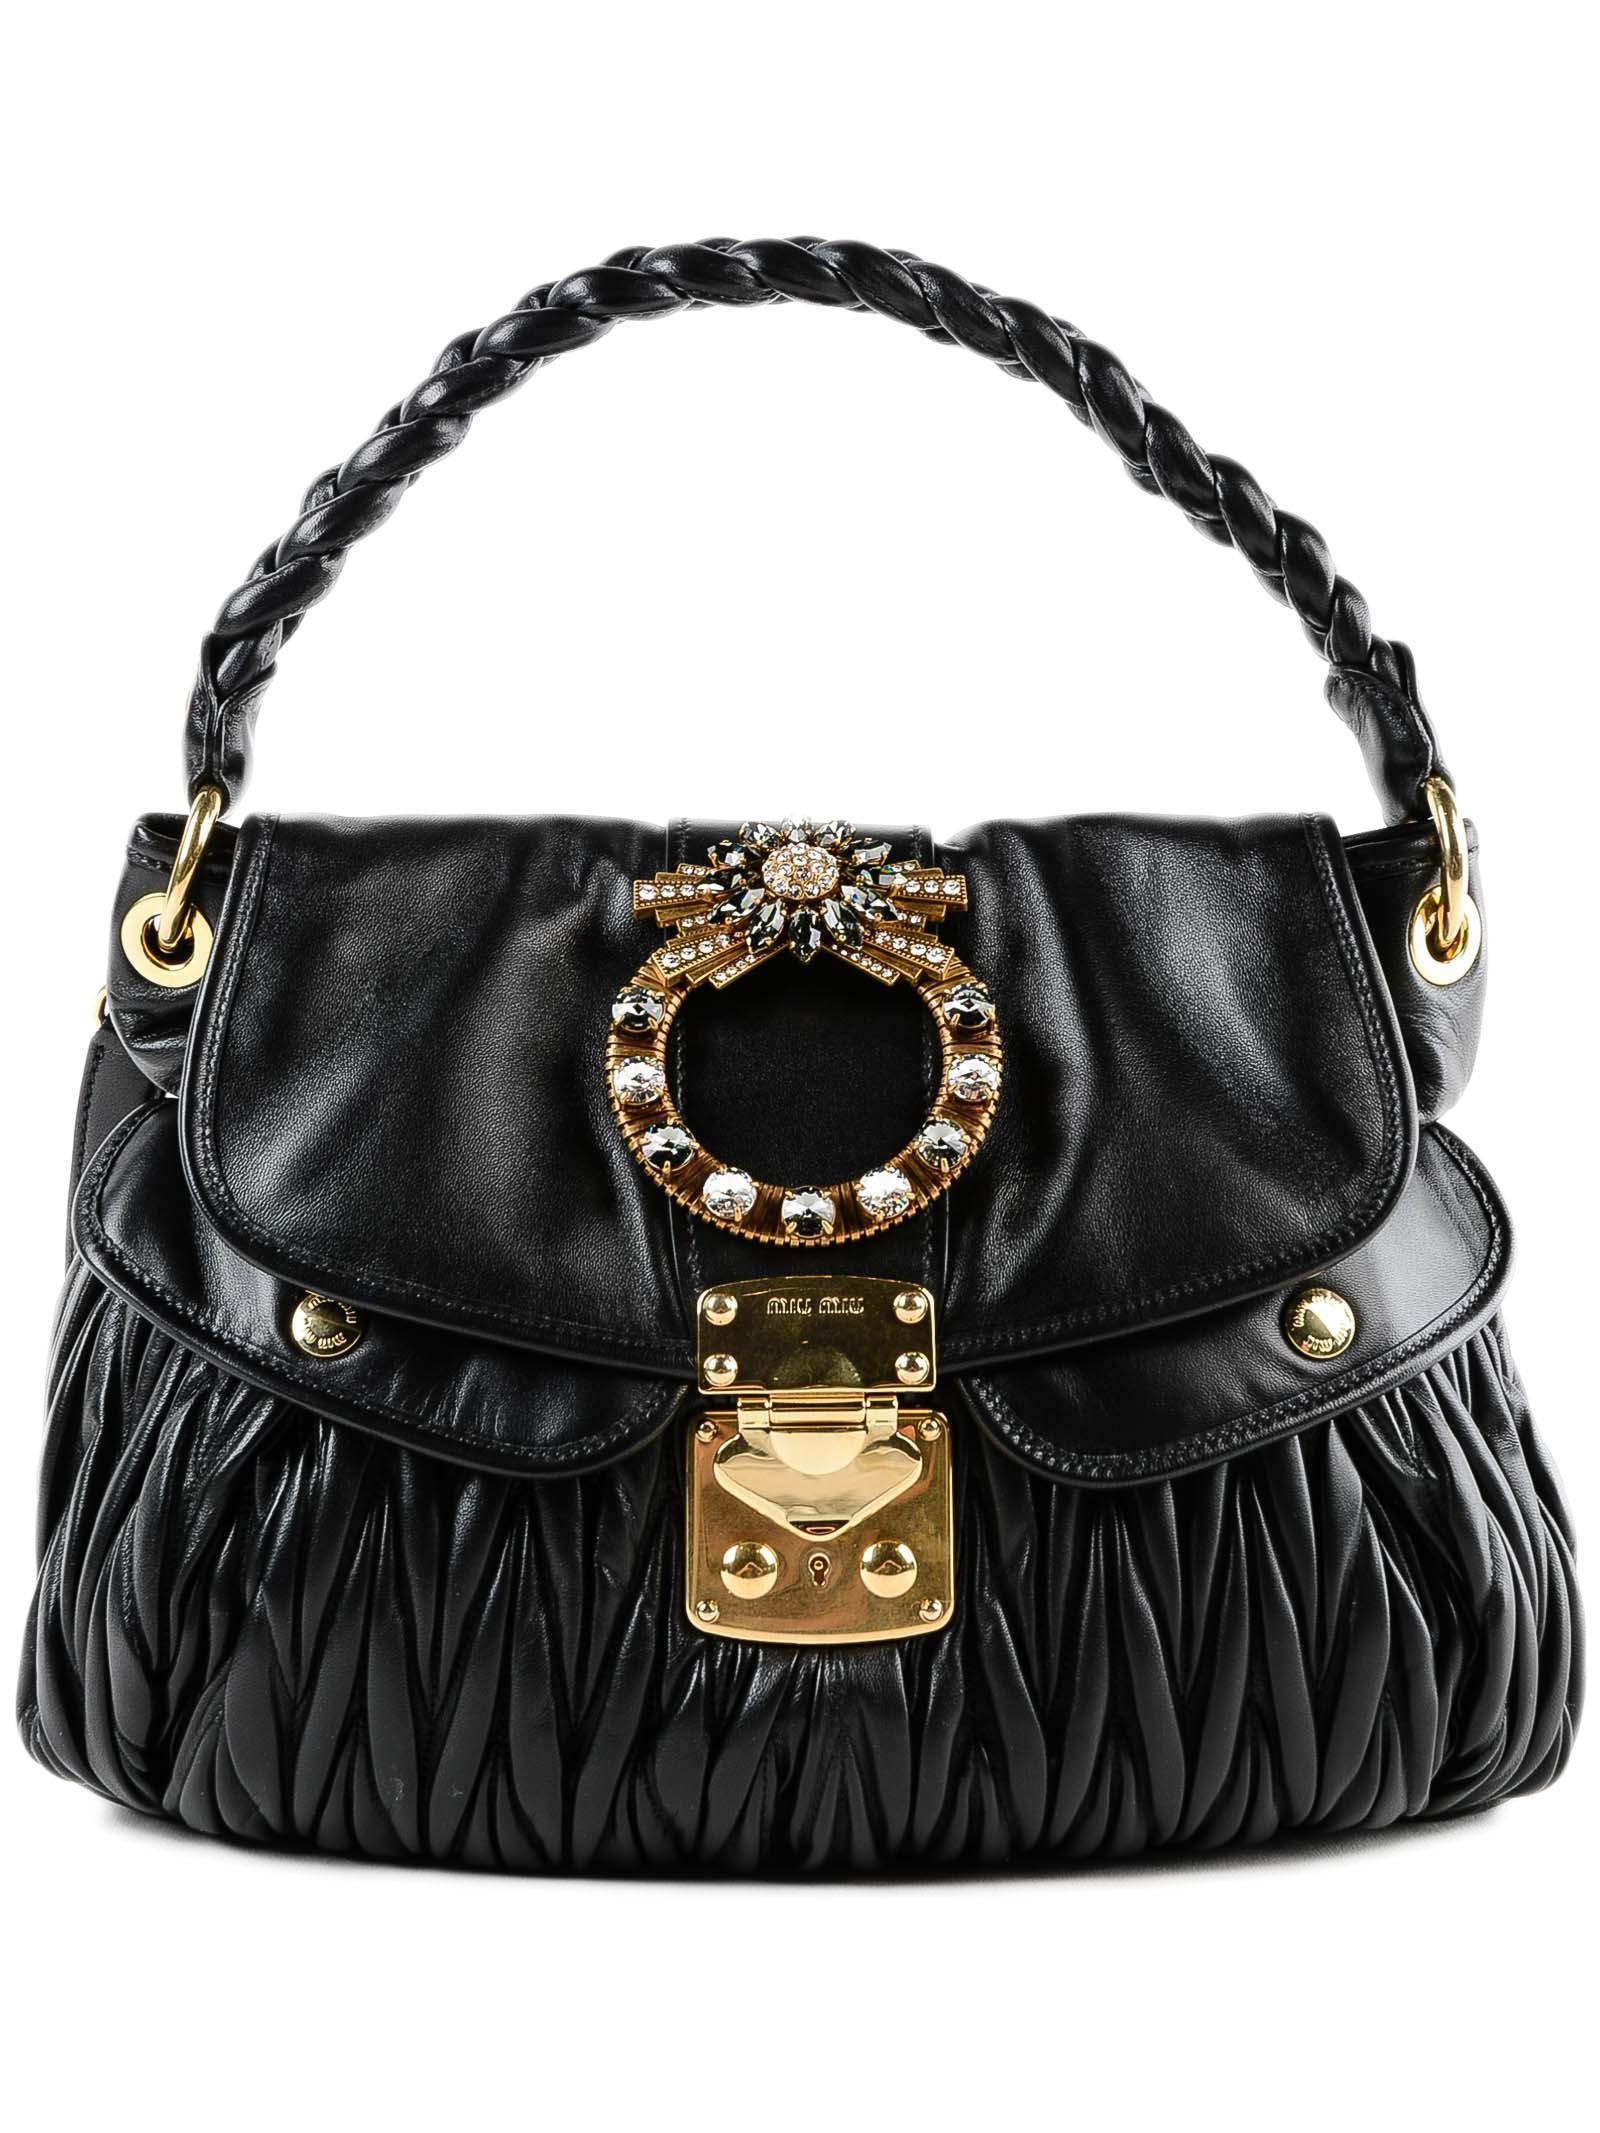 62b14c71a36a Miu Miu Matelasse Shopping Bag in Black - Lyst